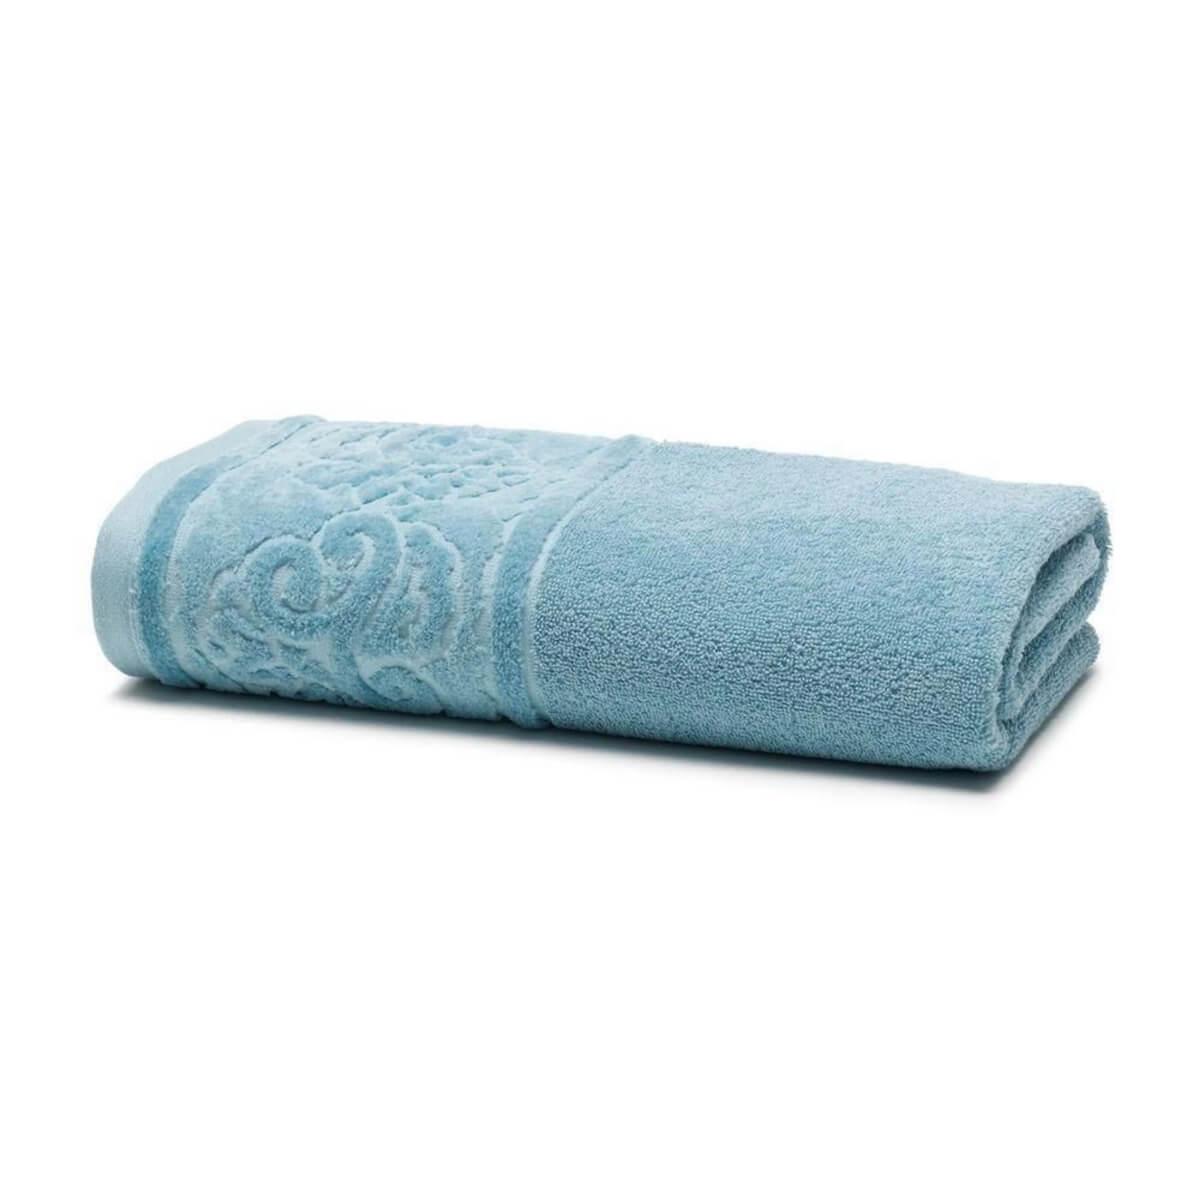 Toalha de Banho Unique Kami Azul Claro